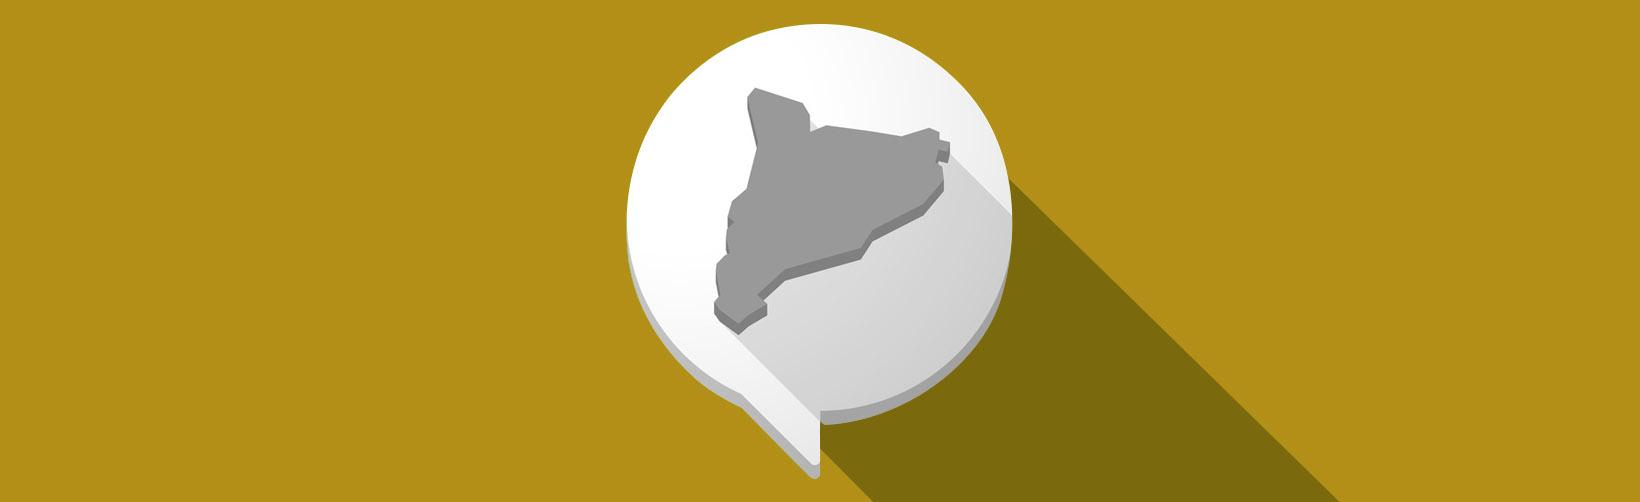 Consulta las tasas autonómicas de Cataluña